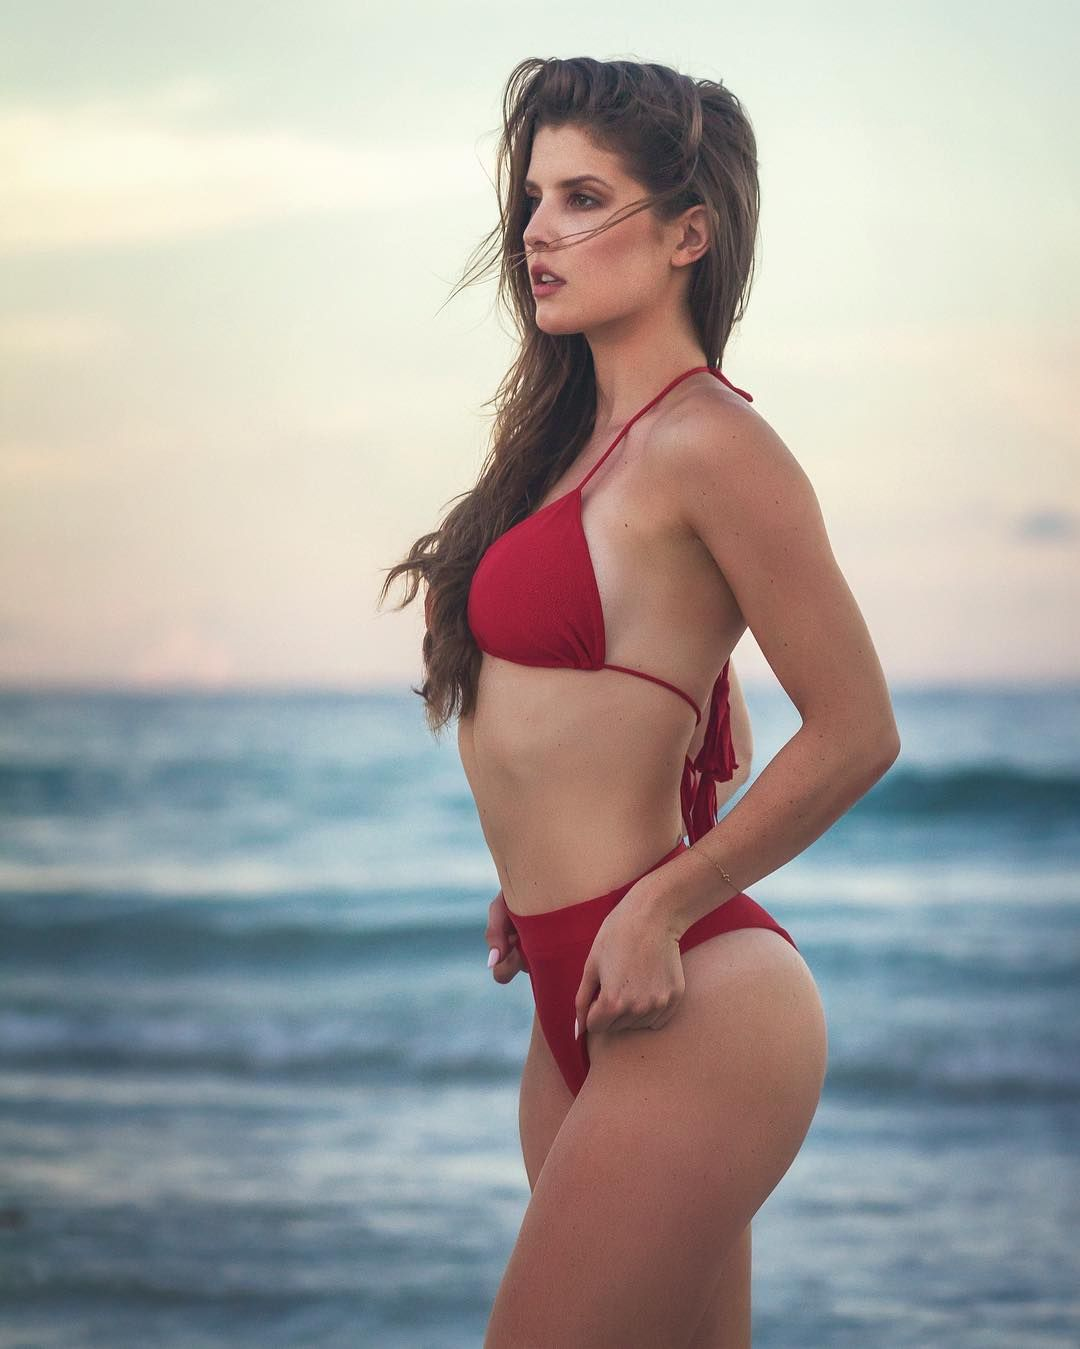 Hot Amanda Cerny nude photos 2019